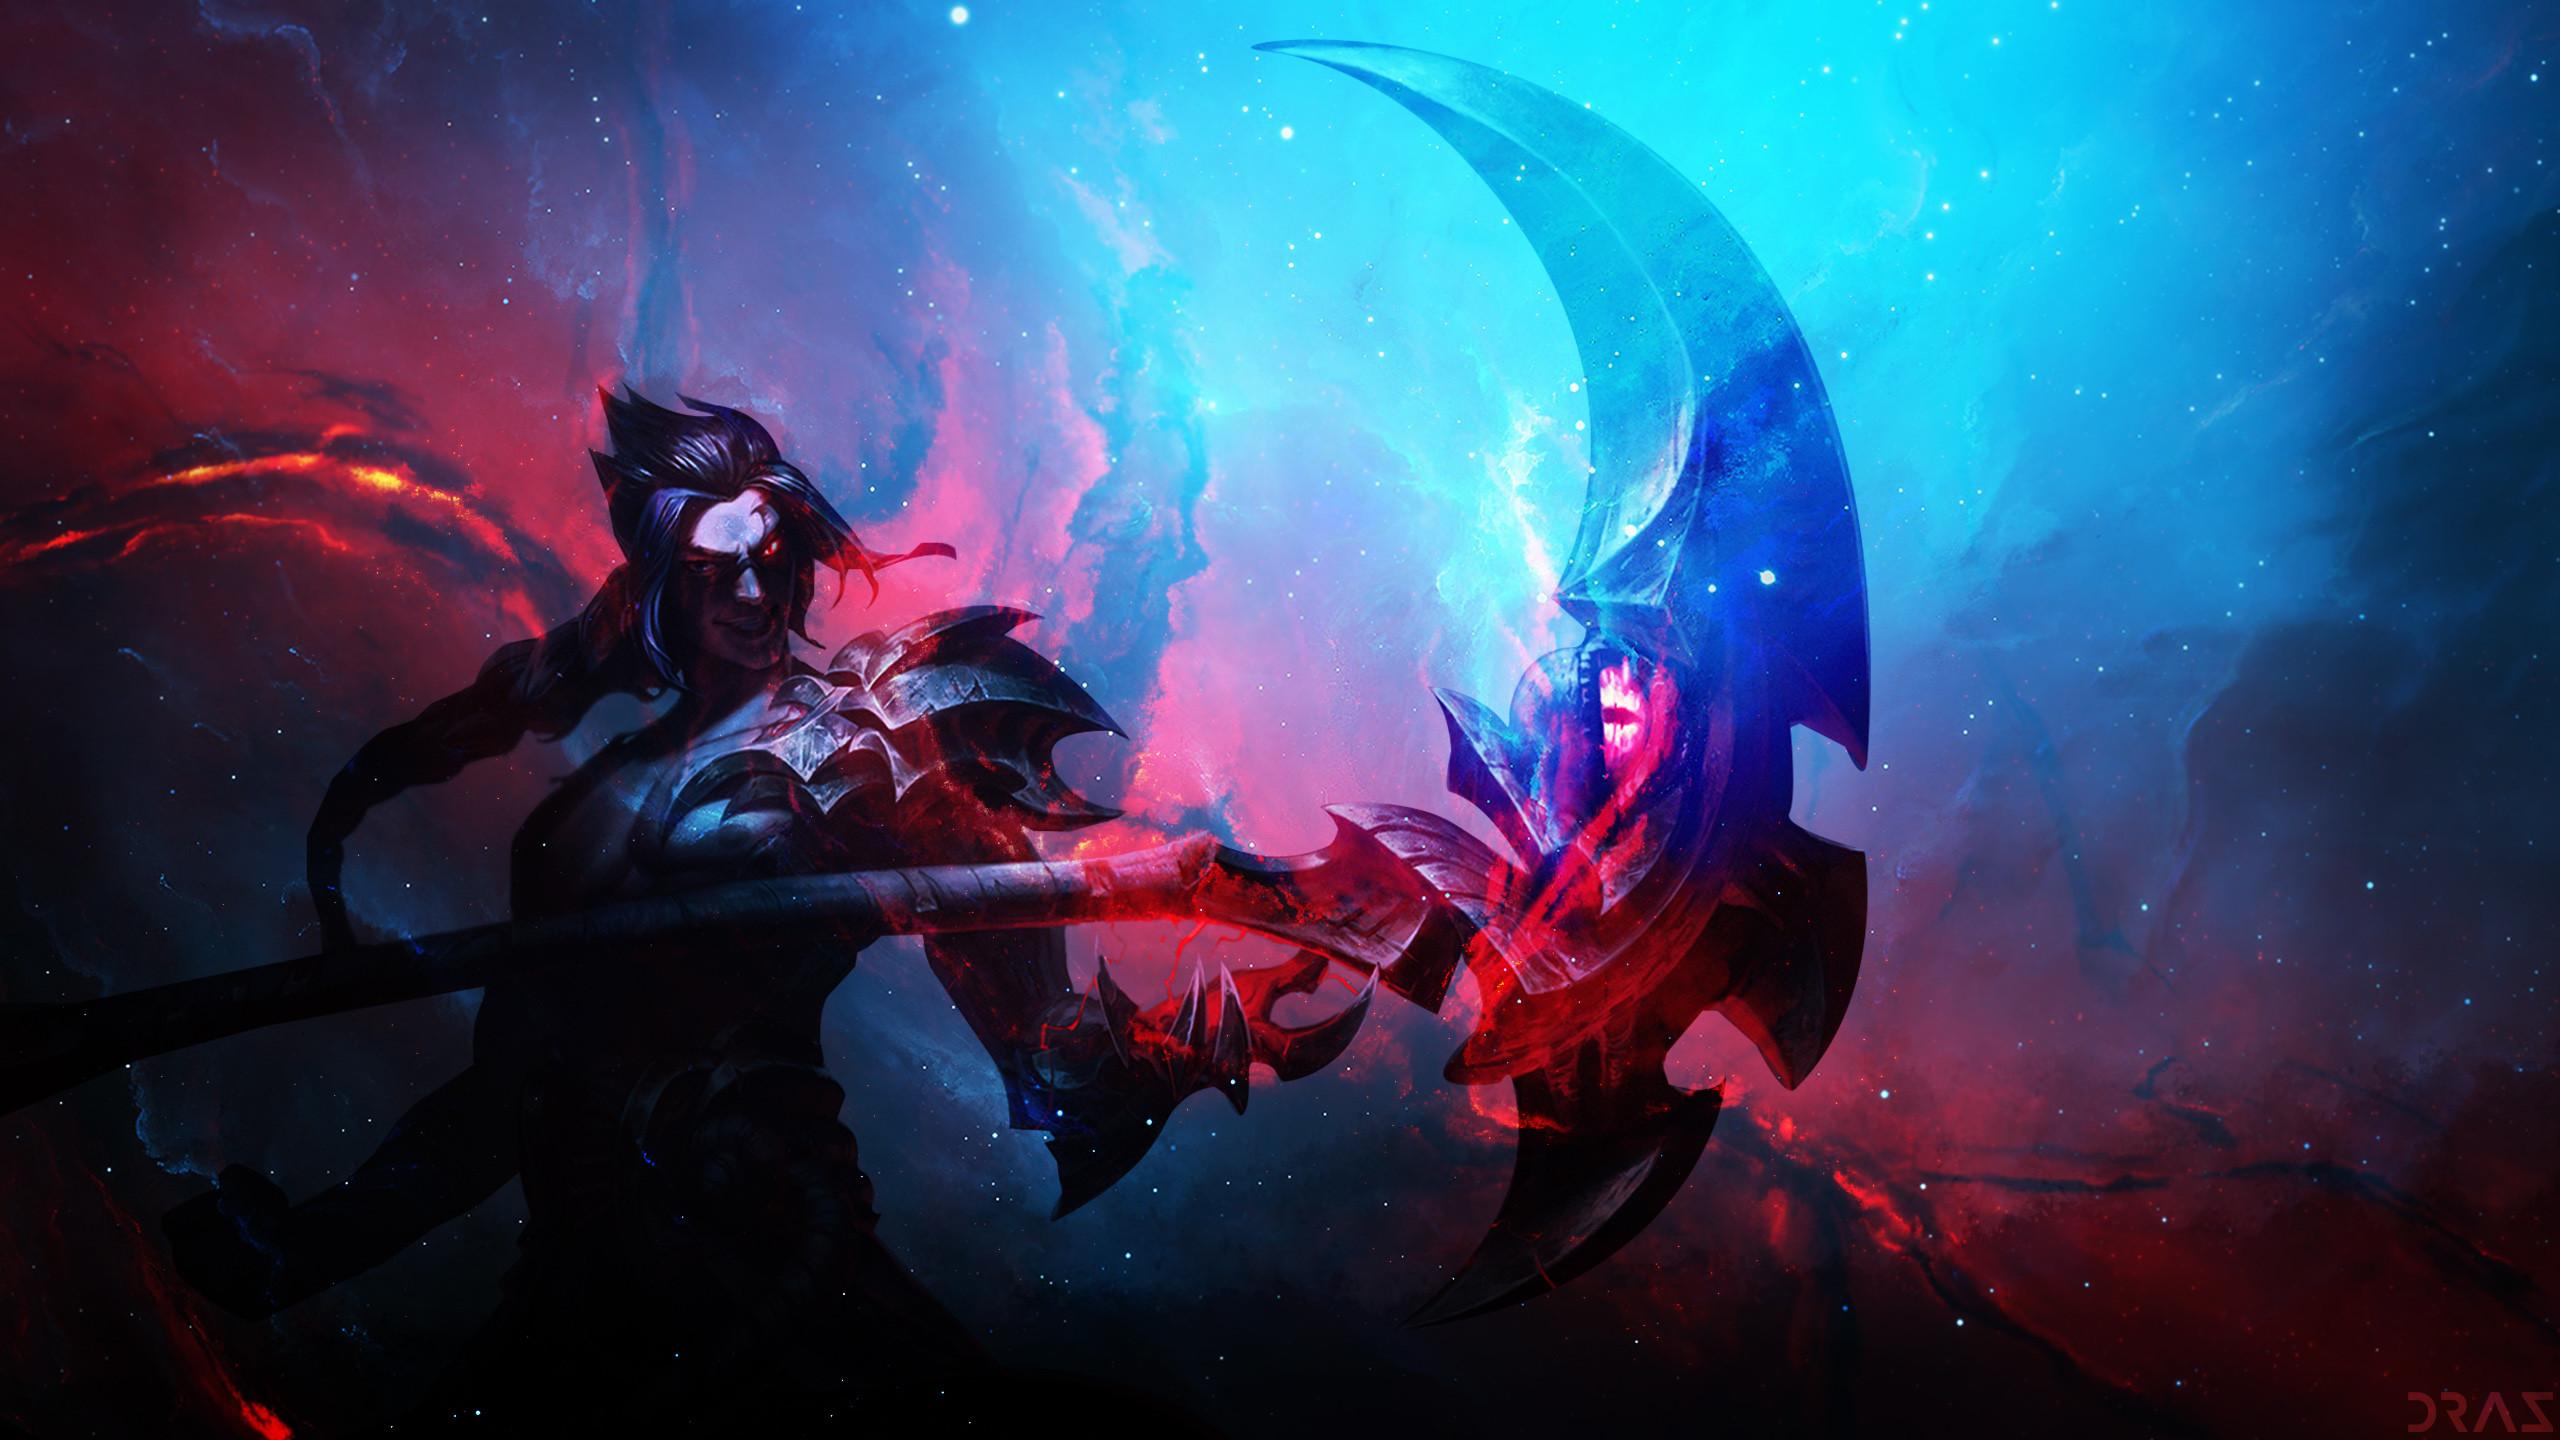 Kayn by Drazieth HD Wallpaper Background Fan Art Artwork League of Legends  lol